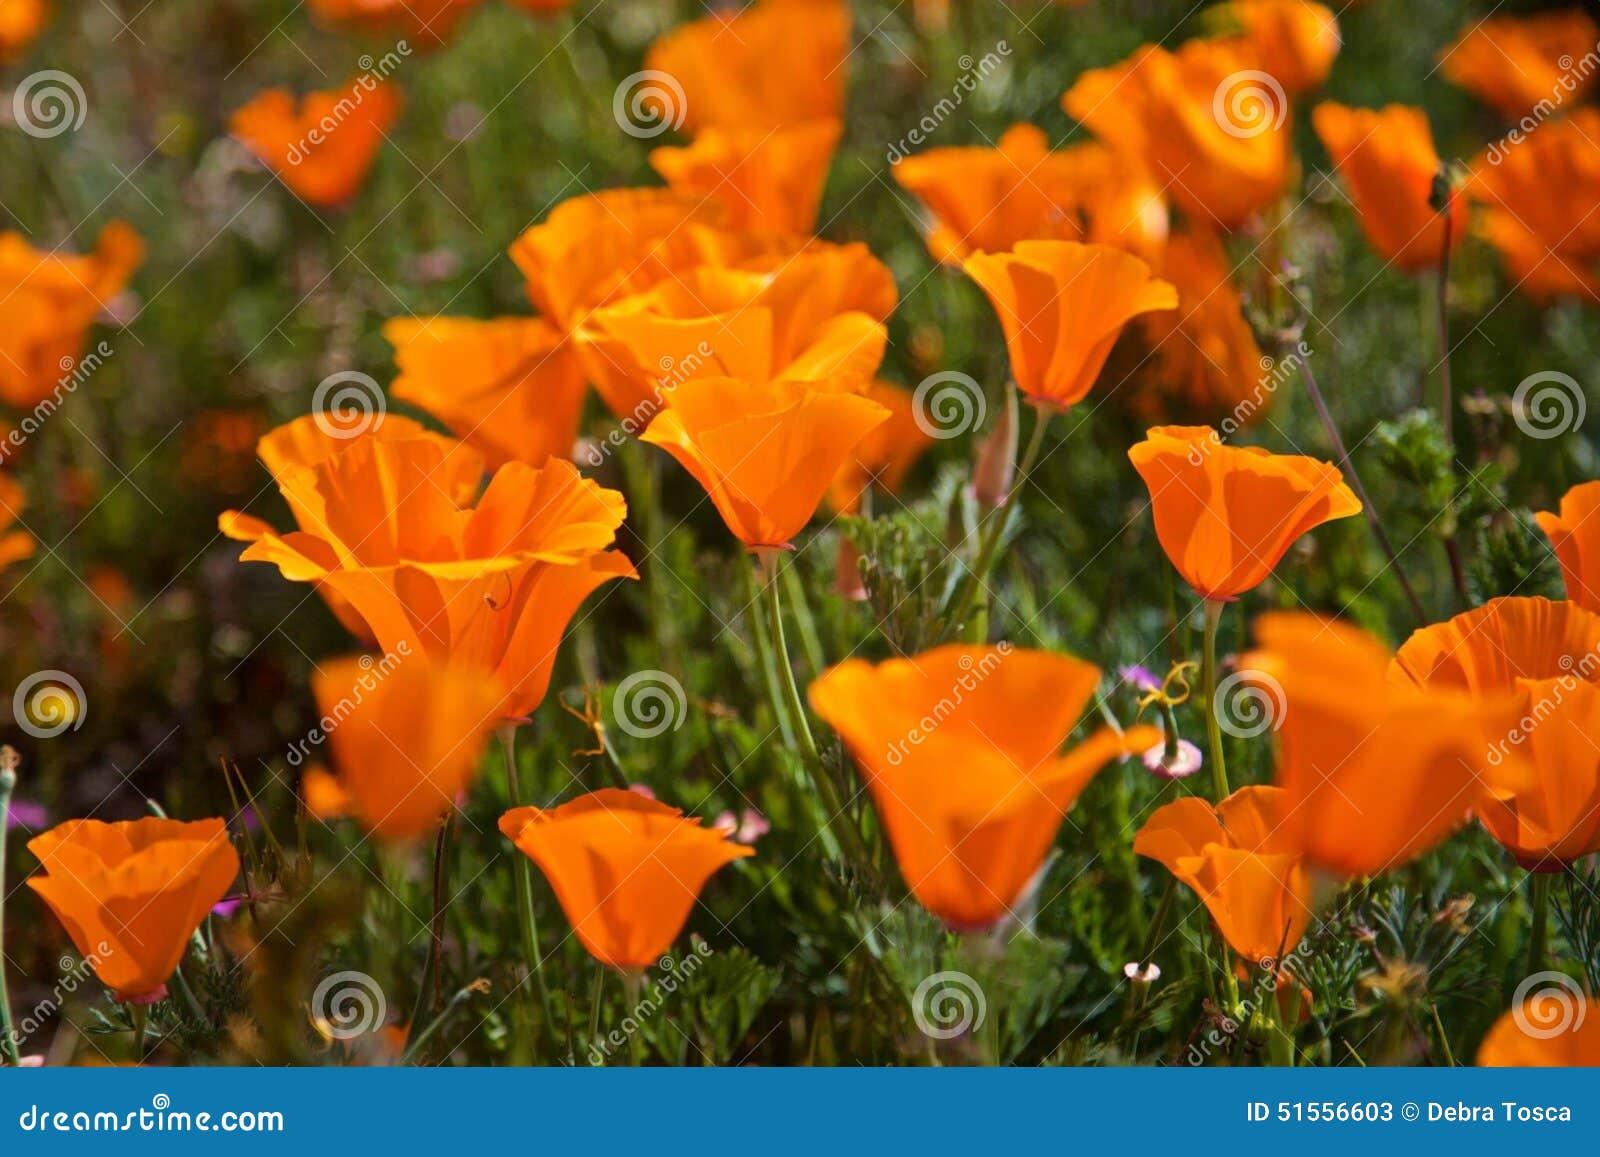 Fiori Arancioni.Fiori Arancioni Del Papavero Immagine Stock Immagine Di Papavero